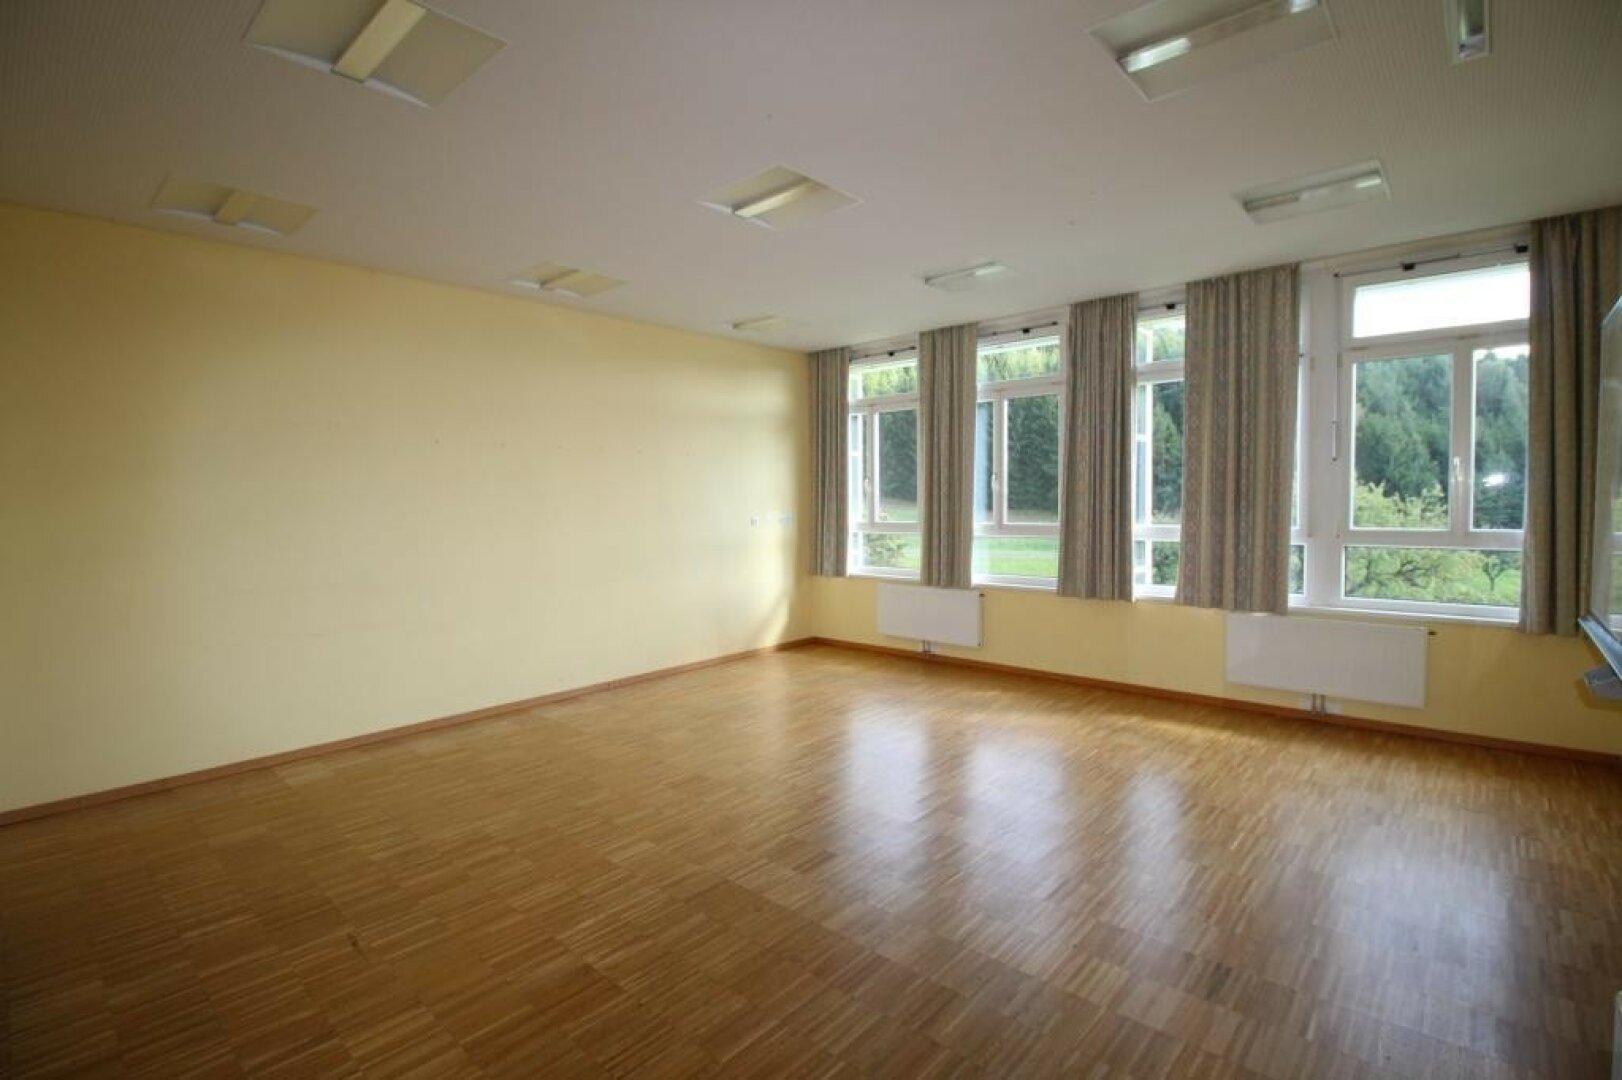 Aus 40 m² Klassenzimmer kann Kochen-Essen+Wohnen möglich werden